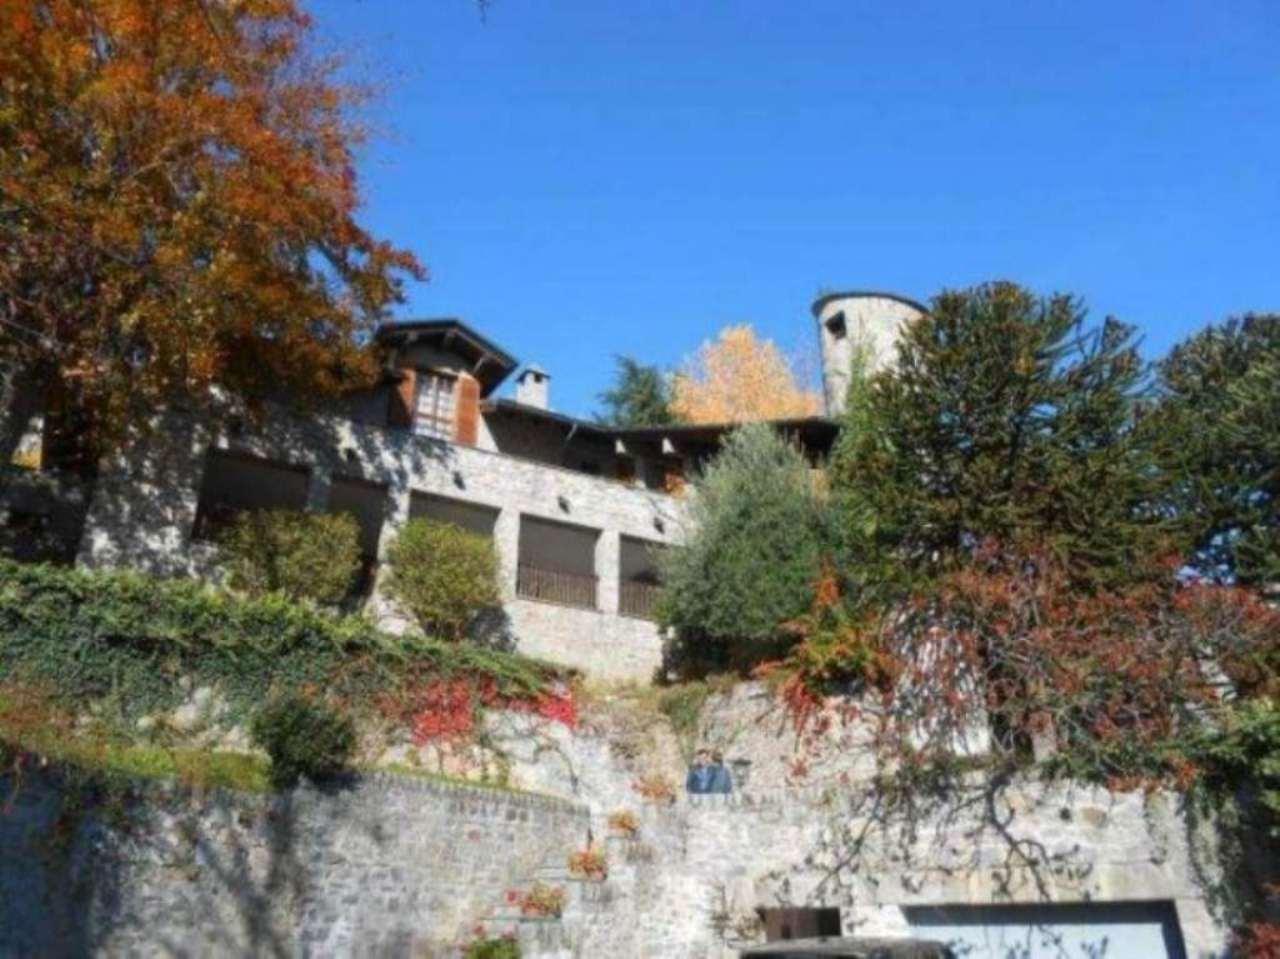 Villa in vendita a Aosta, 6 locali, Trattative riservate | CambioCasa.it